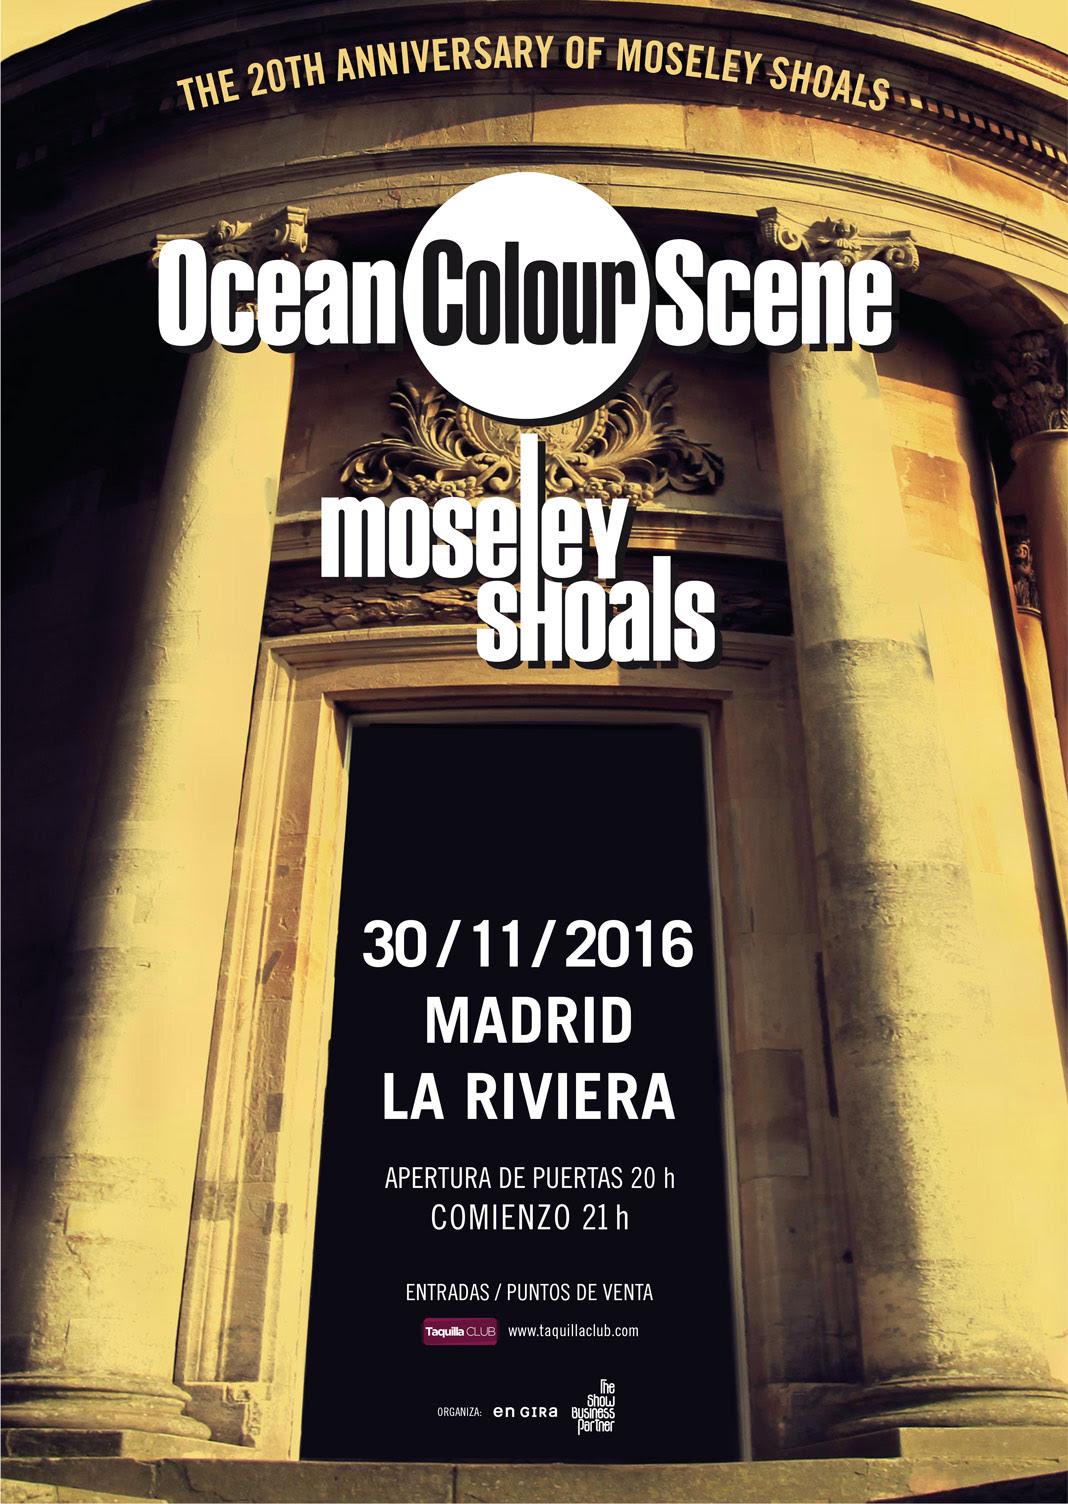 Concierto de Ocean Color Scene en La Riviera